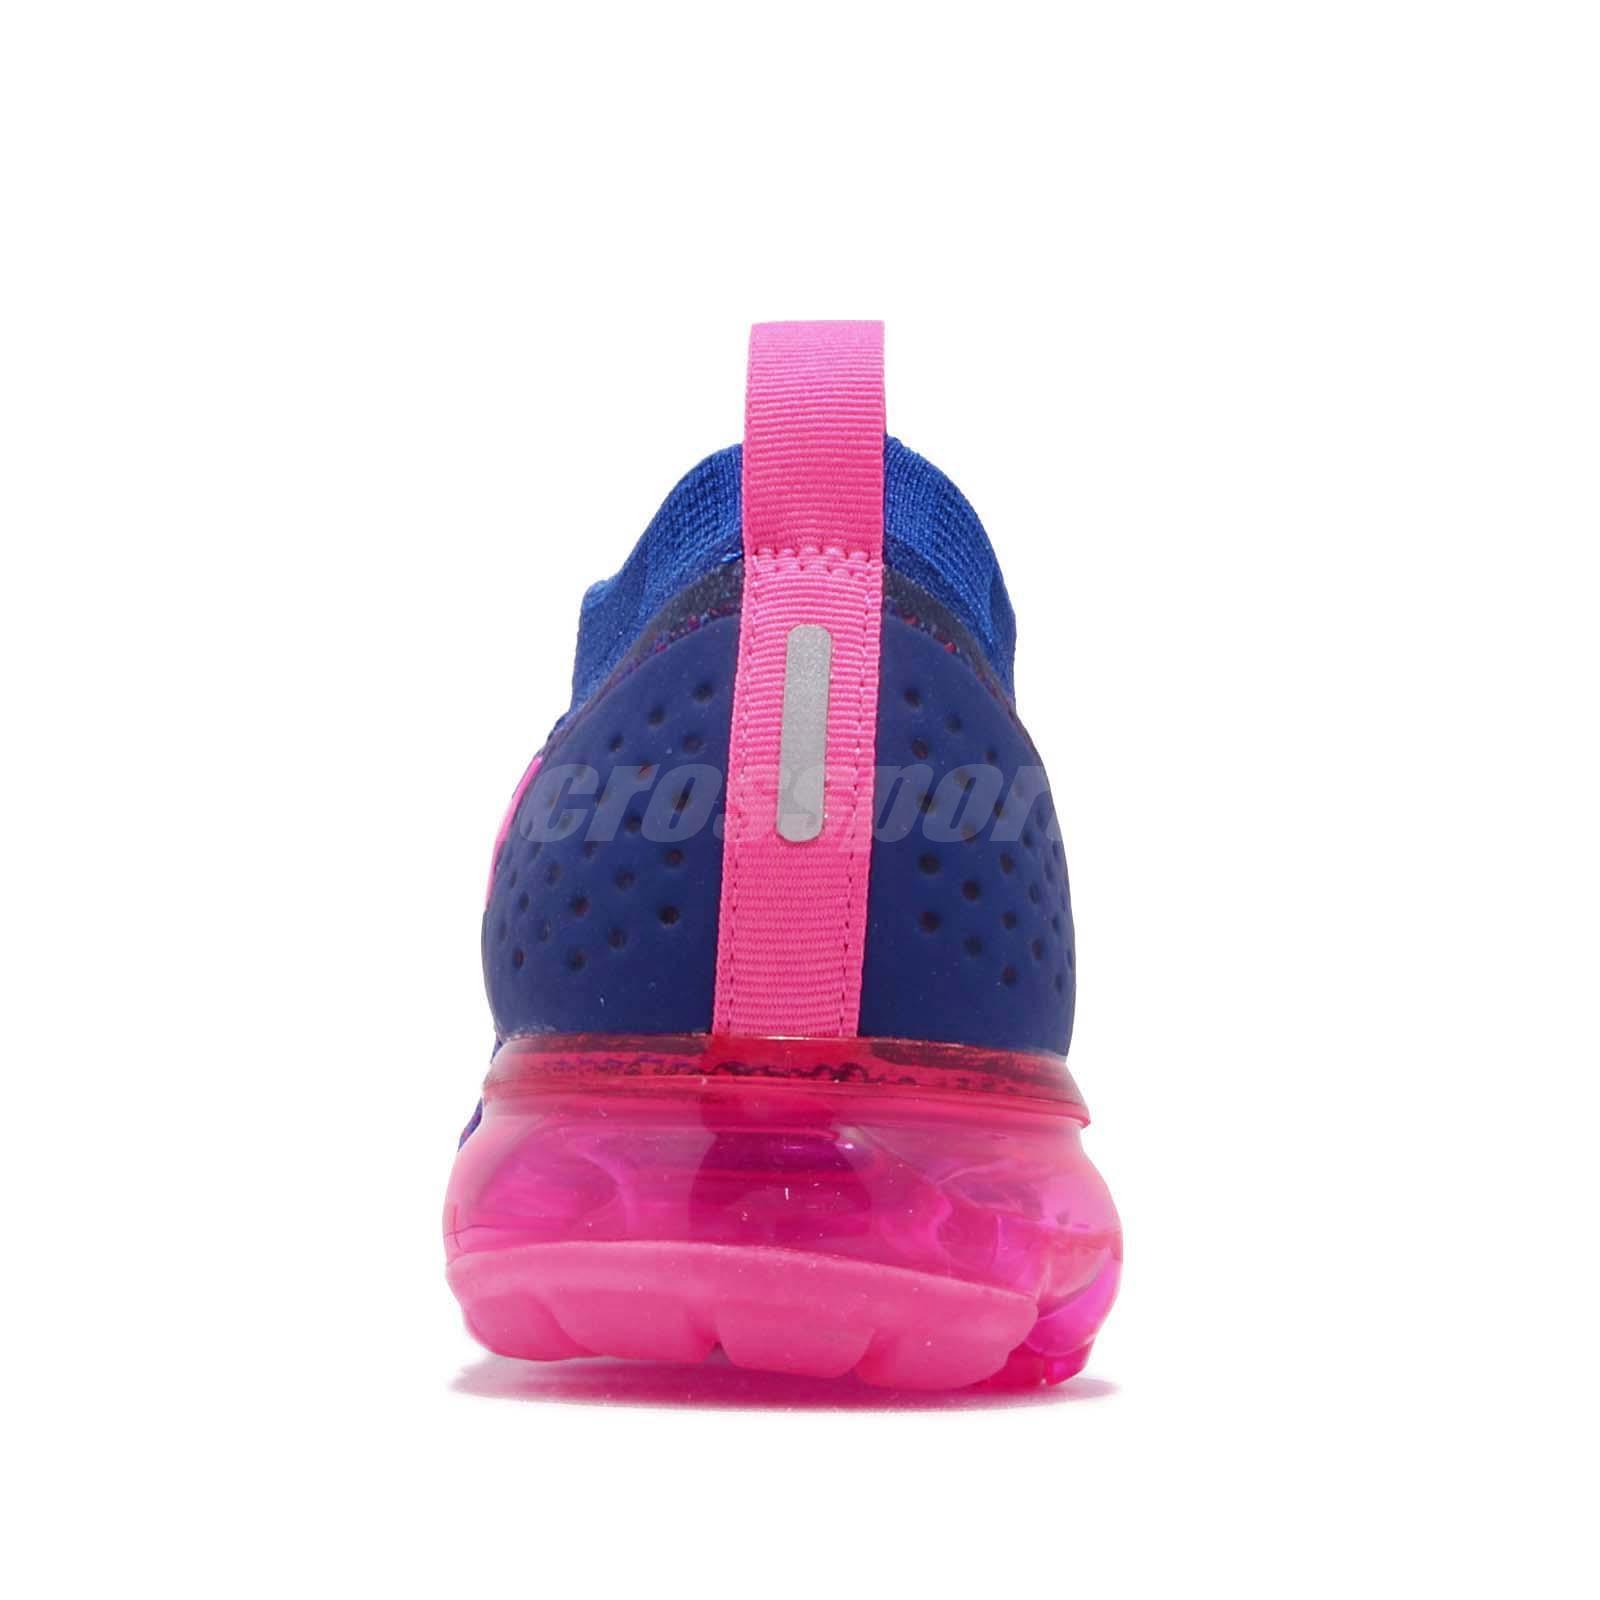 dd6843a696f52 Nike Wmns Air Vapormax Flyknit 2 Racer Pink Blue Women Running Shoes ...